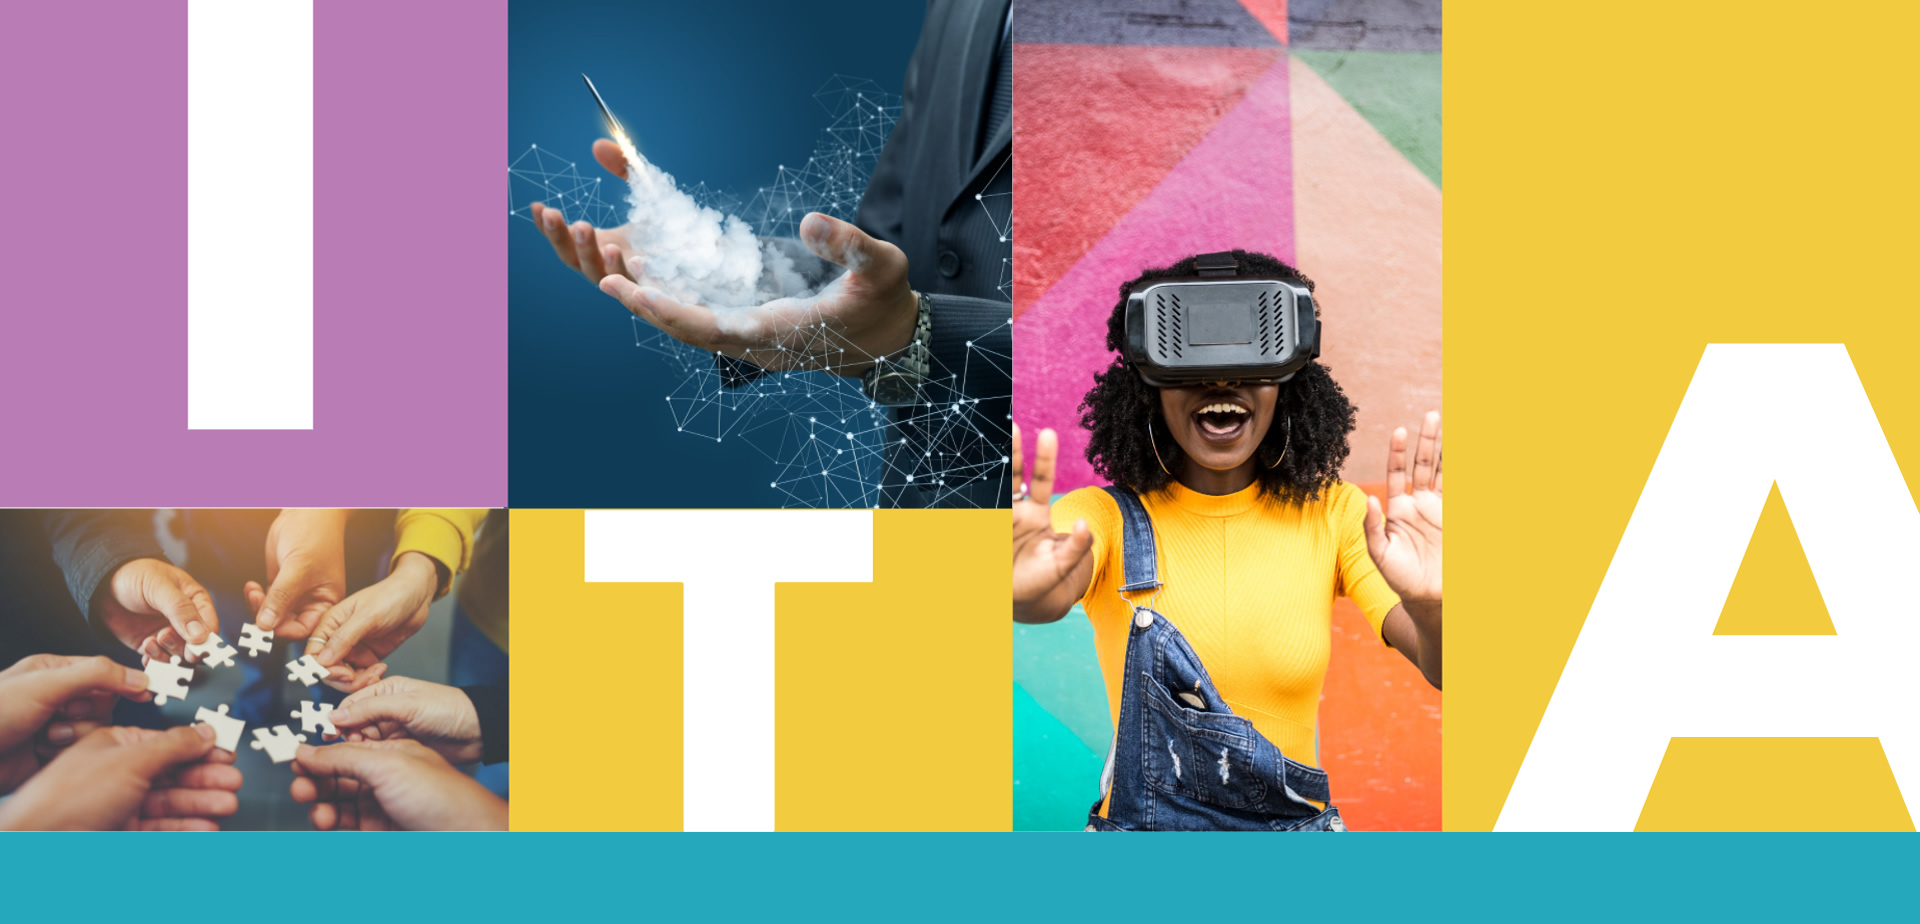 Imgen de sección Ita con Chica con casco de realidad virtual